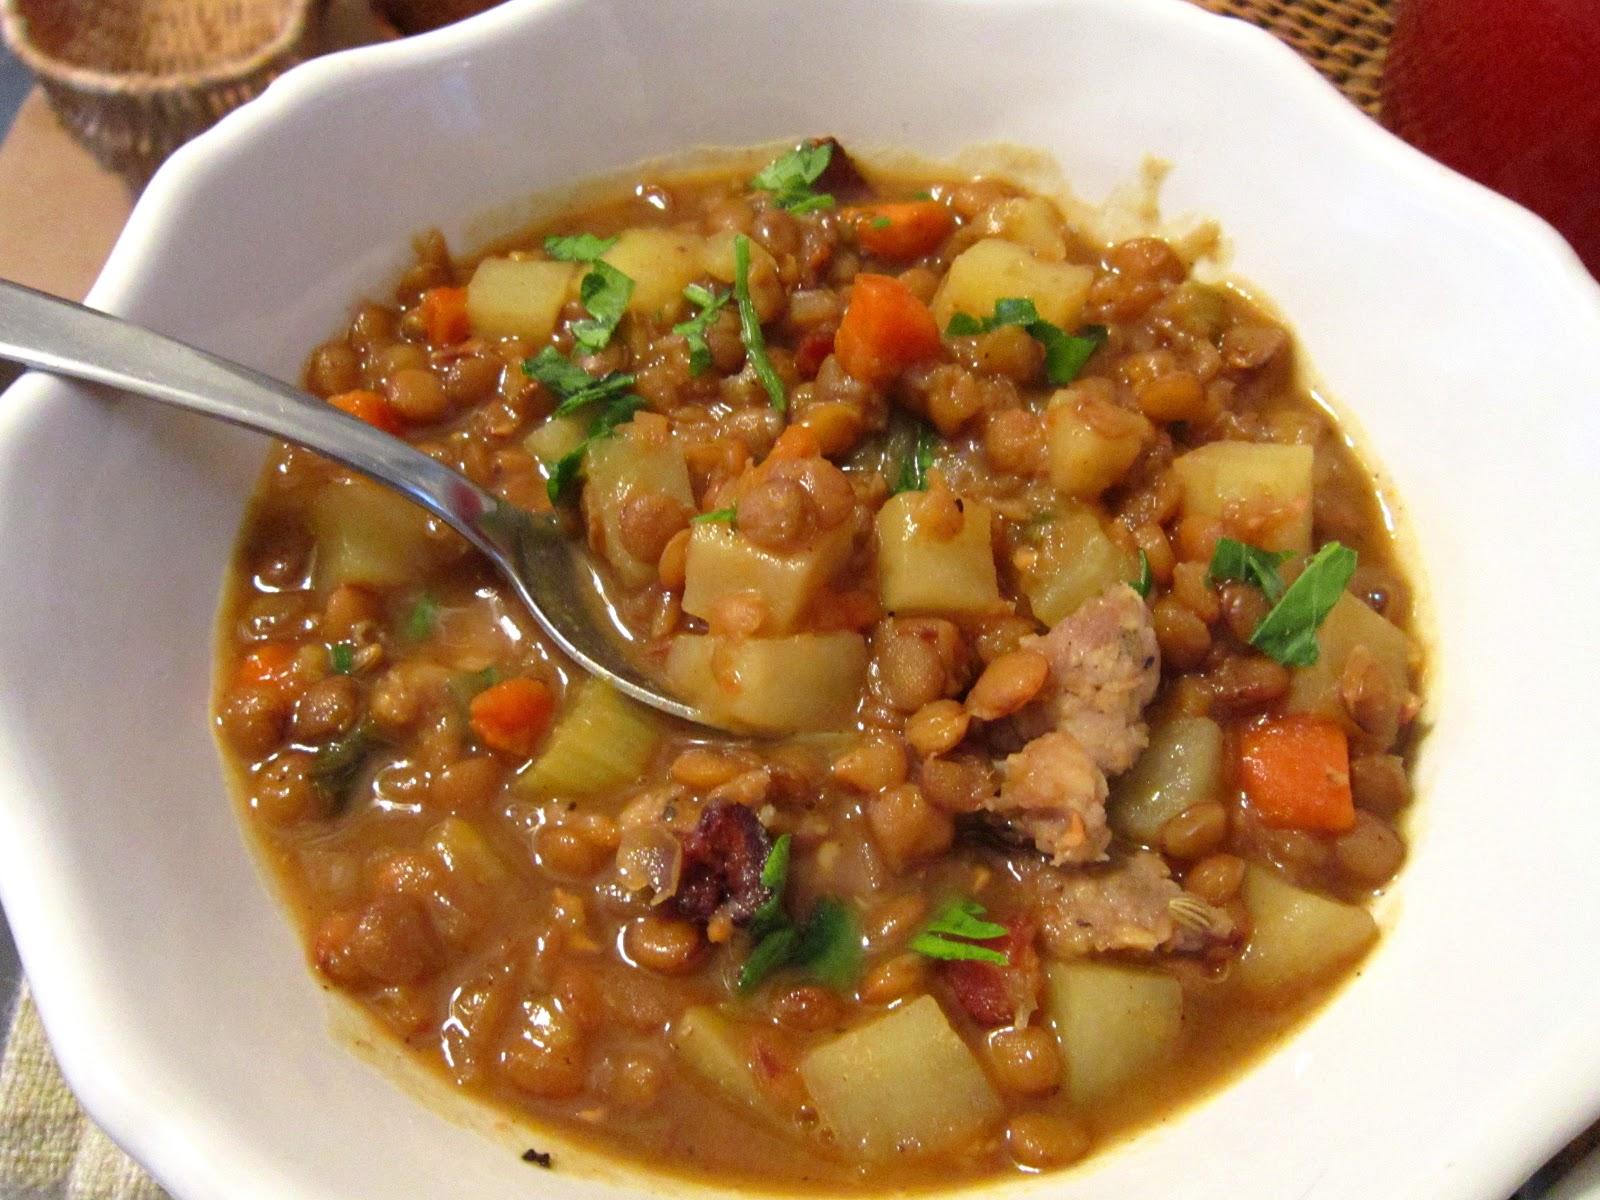 The Italian Next Door: Rustic Lentil Soup